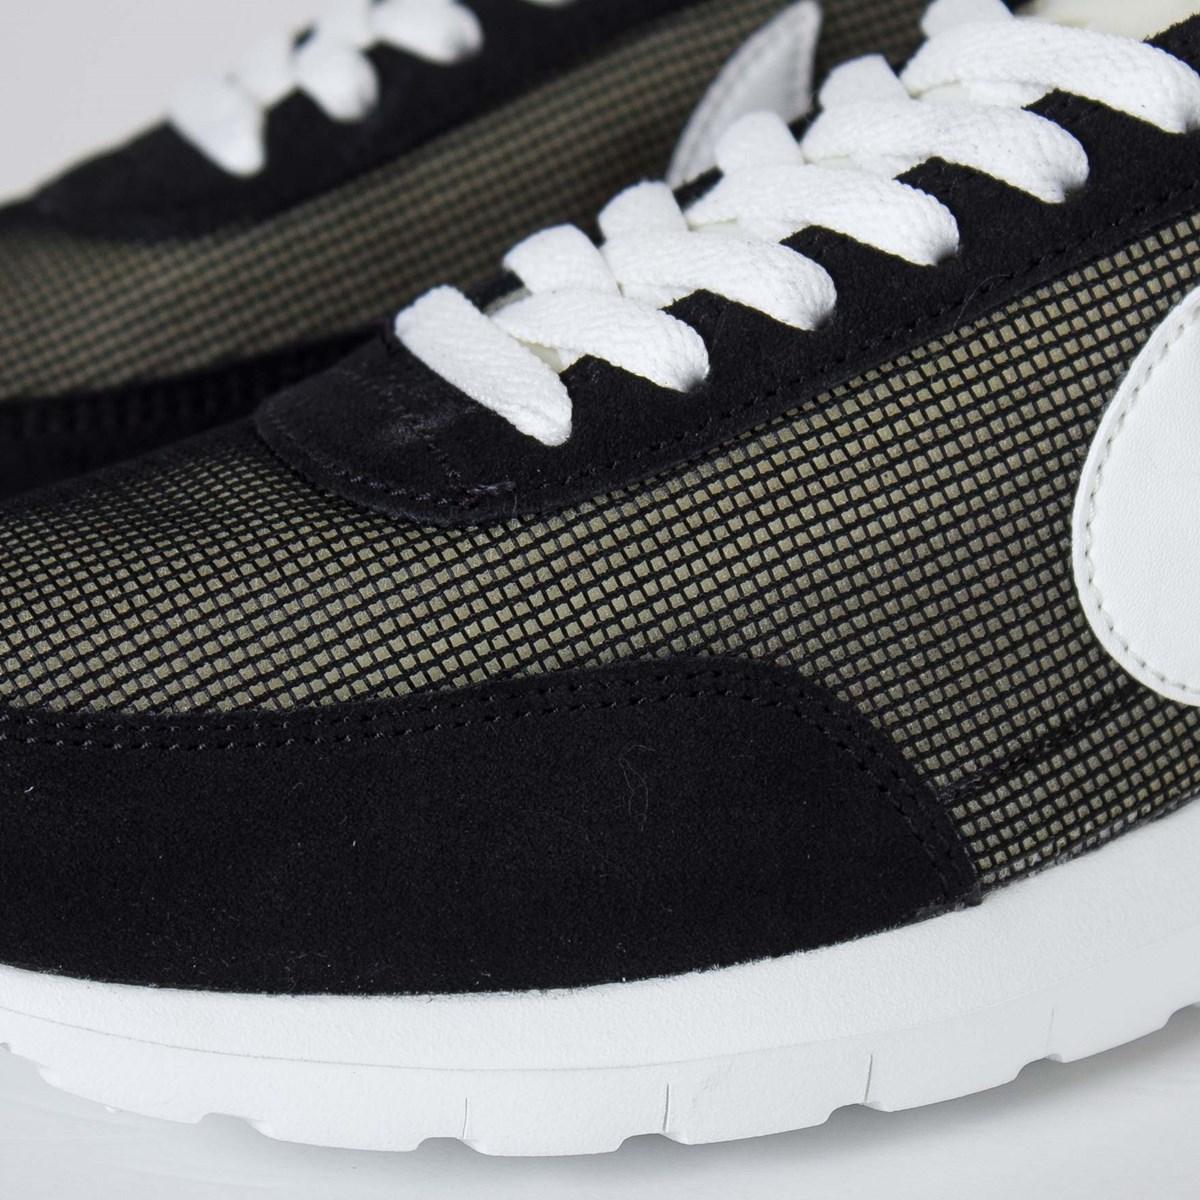 48a5b744327e Nike Roshe Daybreak NM - 826666-001 - Sneakersnstuff